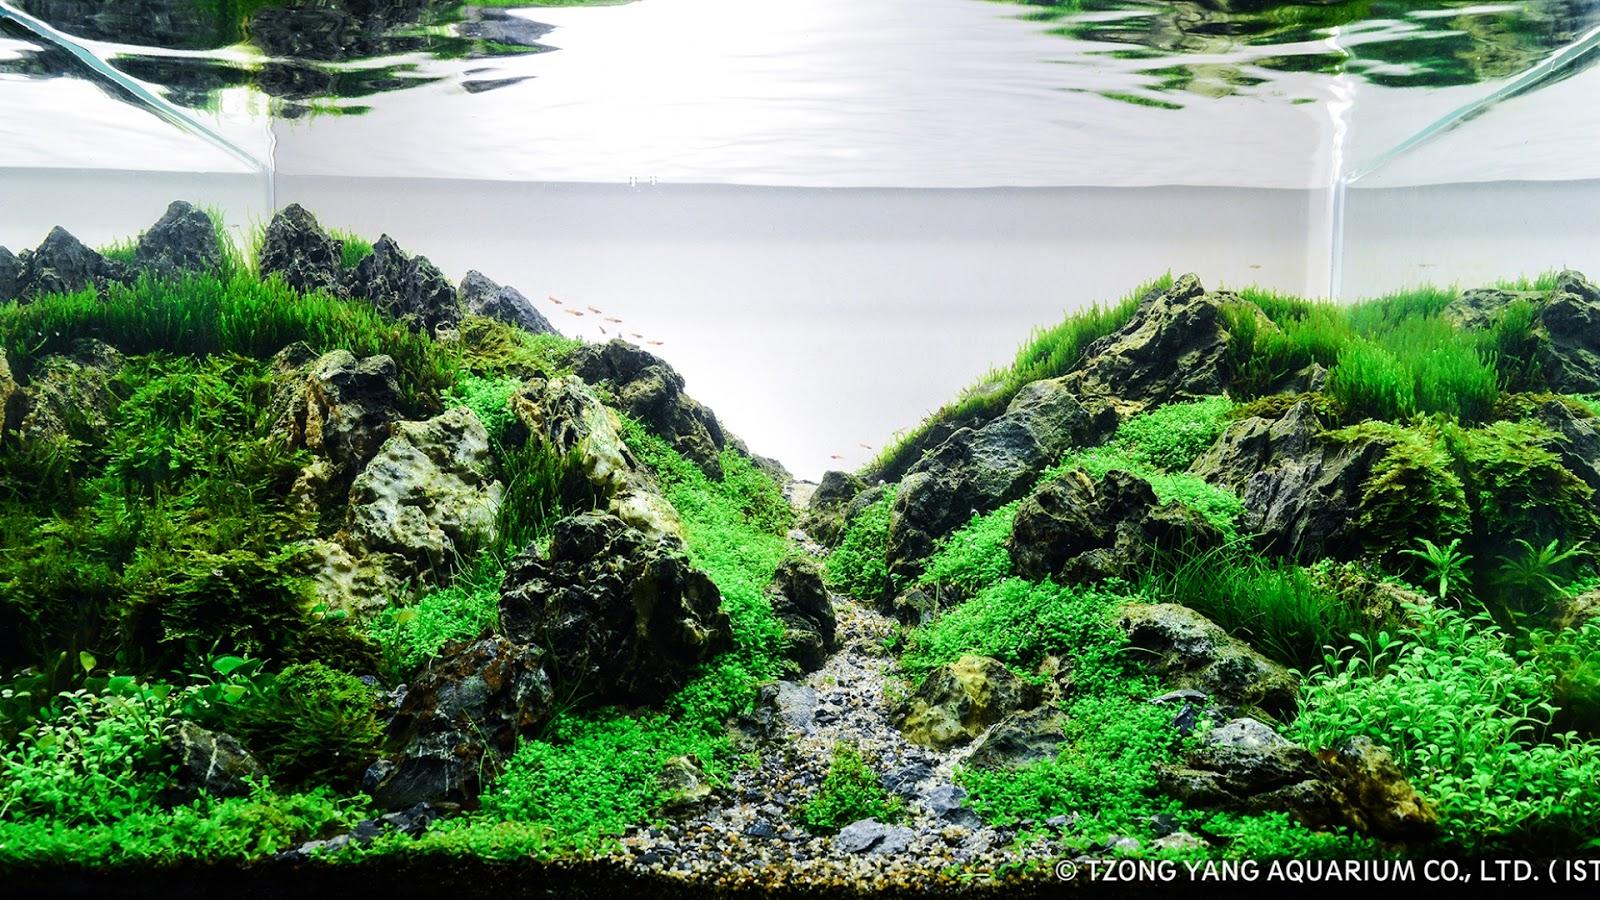 Rêu lửa tạo hiệu ứng như những tán cây ở xa trong hồ thủy sinh